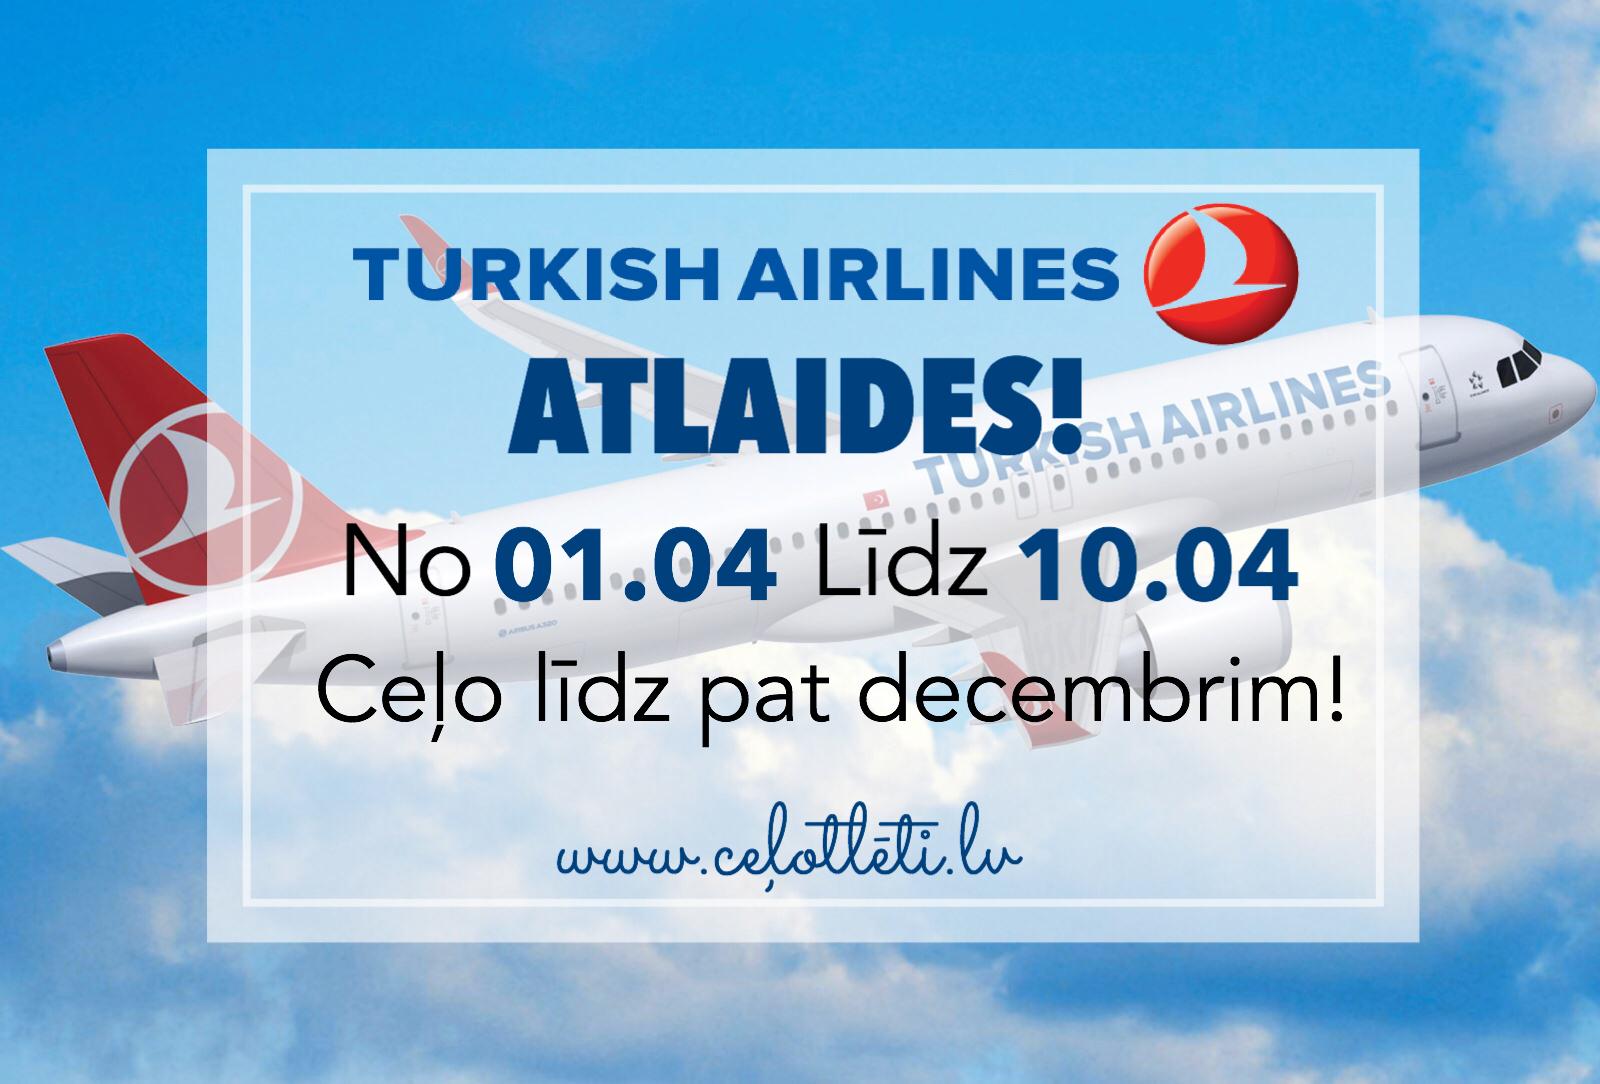 Ceļotlēti.lv piedāvā Turkish Airlines ATLAIDES!